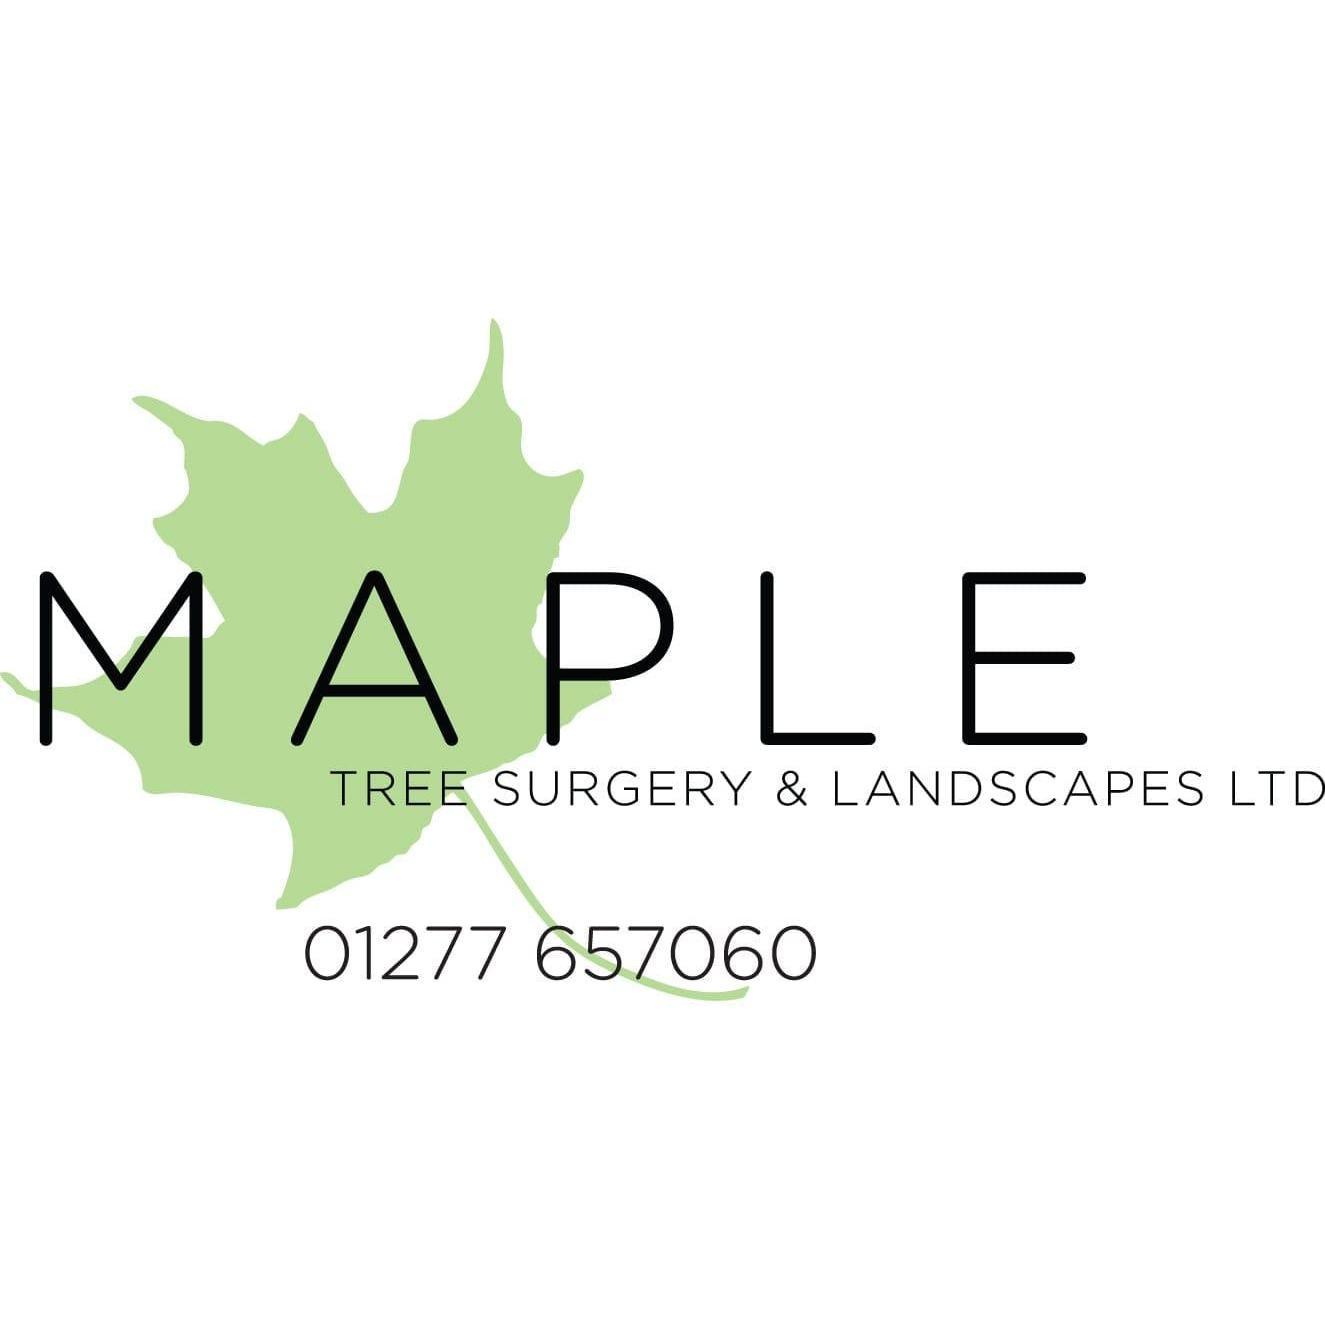 Maple Tree Surgery & Landscapes Ltd